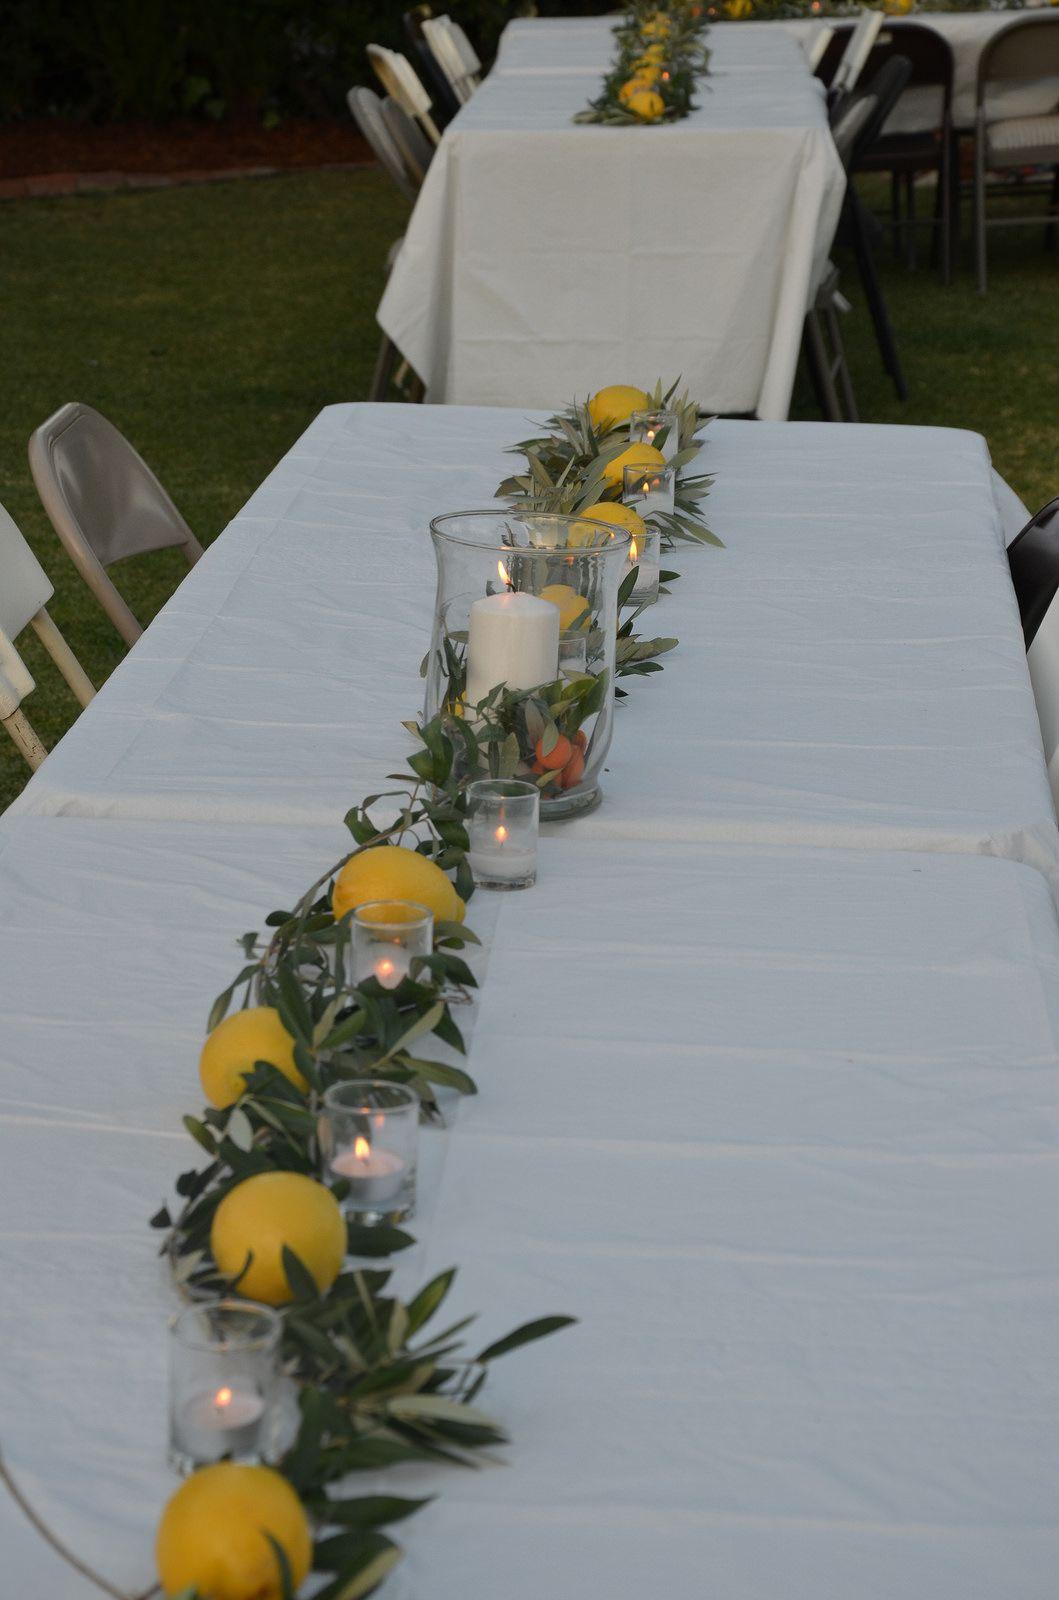 Dsc 3007 Lemon Table Decor Simple Table Decorations Brunch Table Decorations